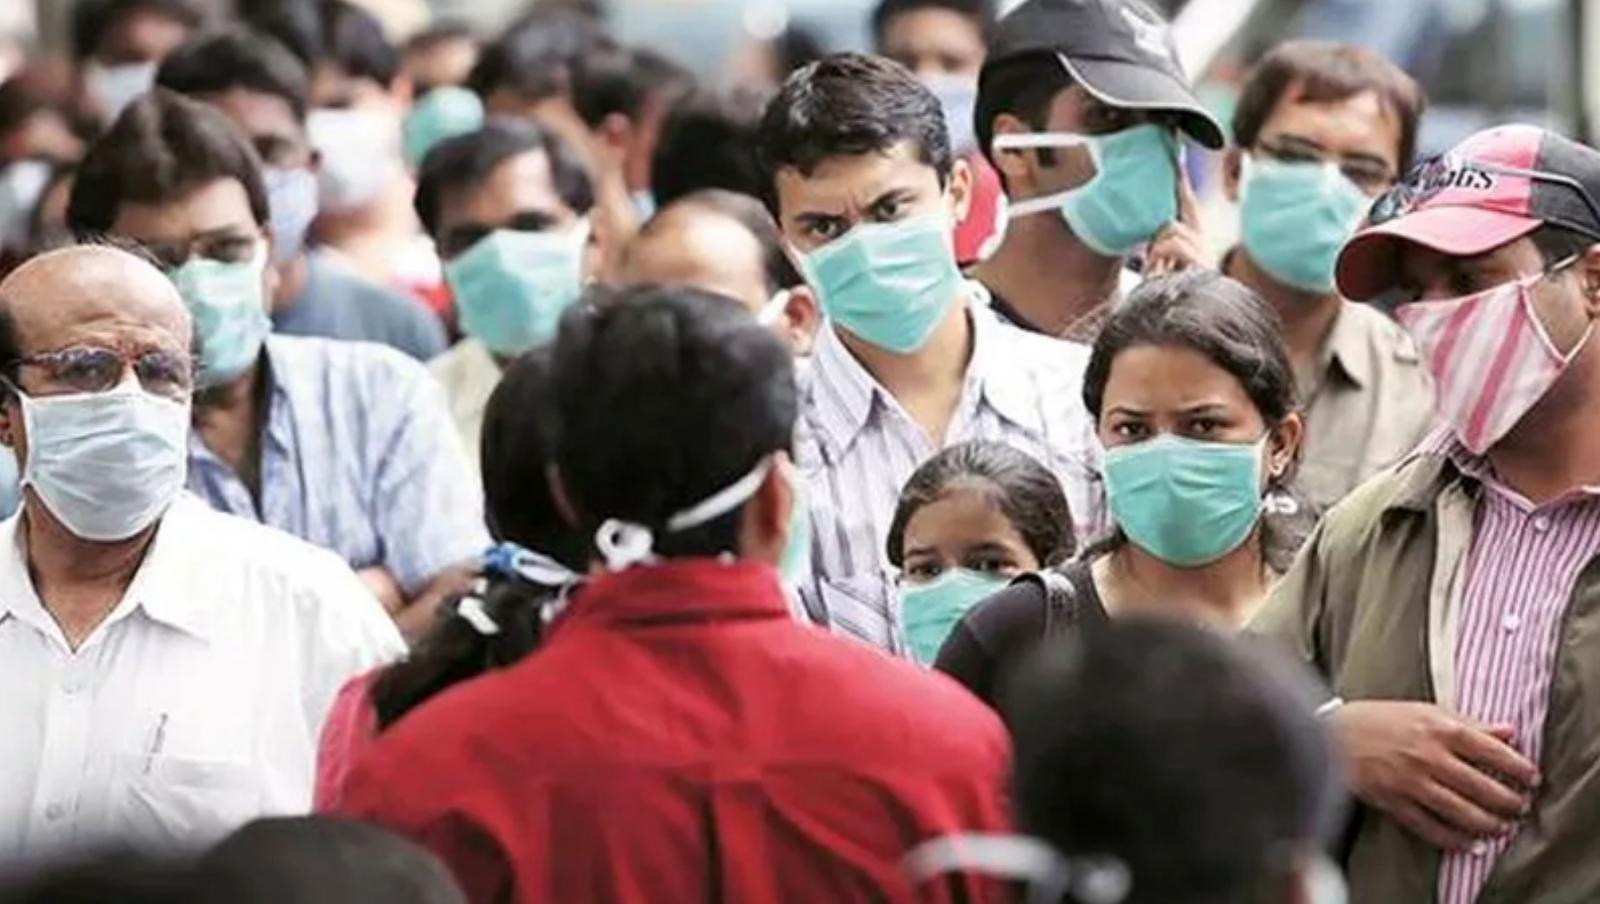 Всей опасности коронавируса мы еще не осознали. Совсем не пасхальные рассуждения